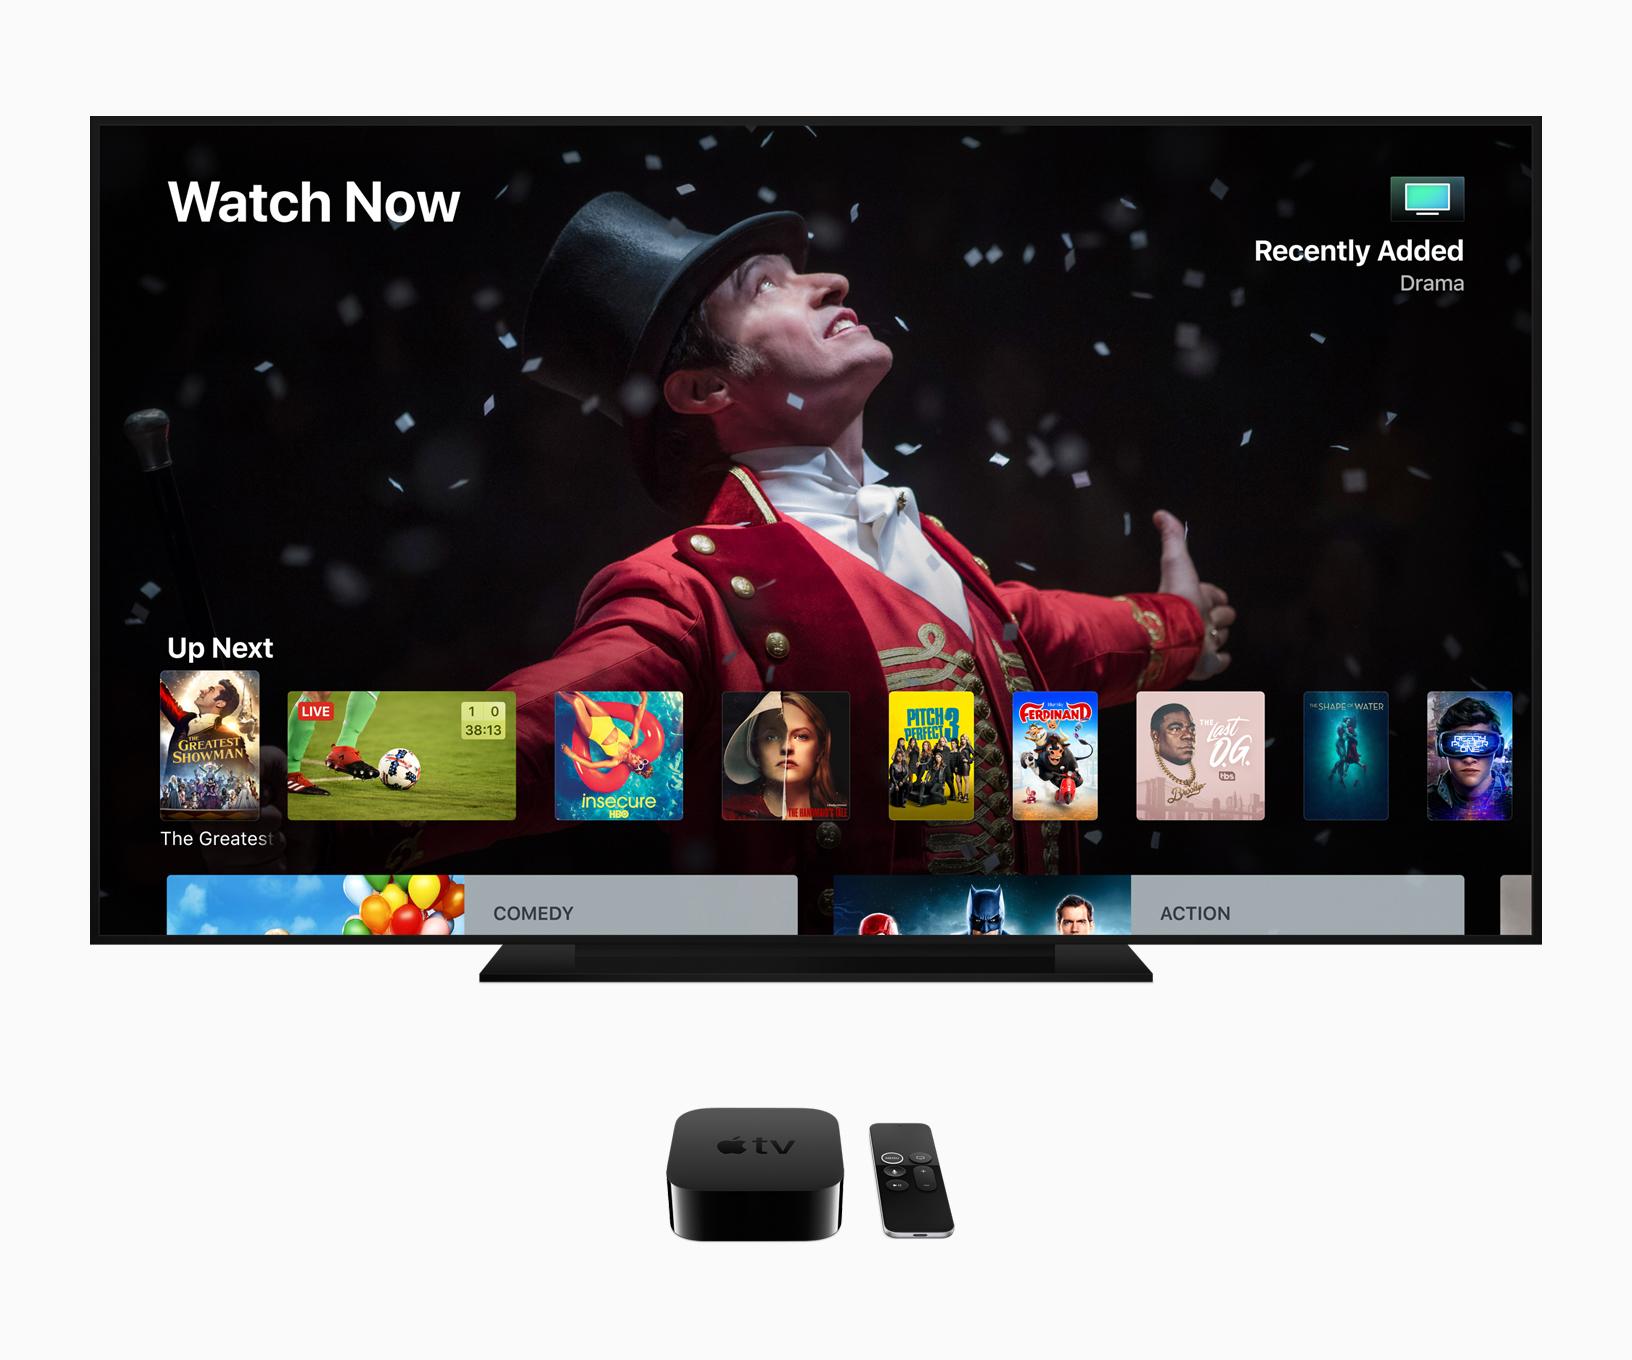 Apple TV 4K, image via Apple